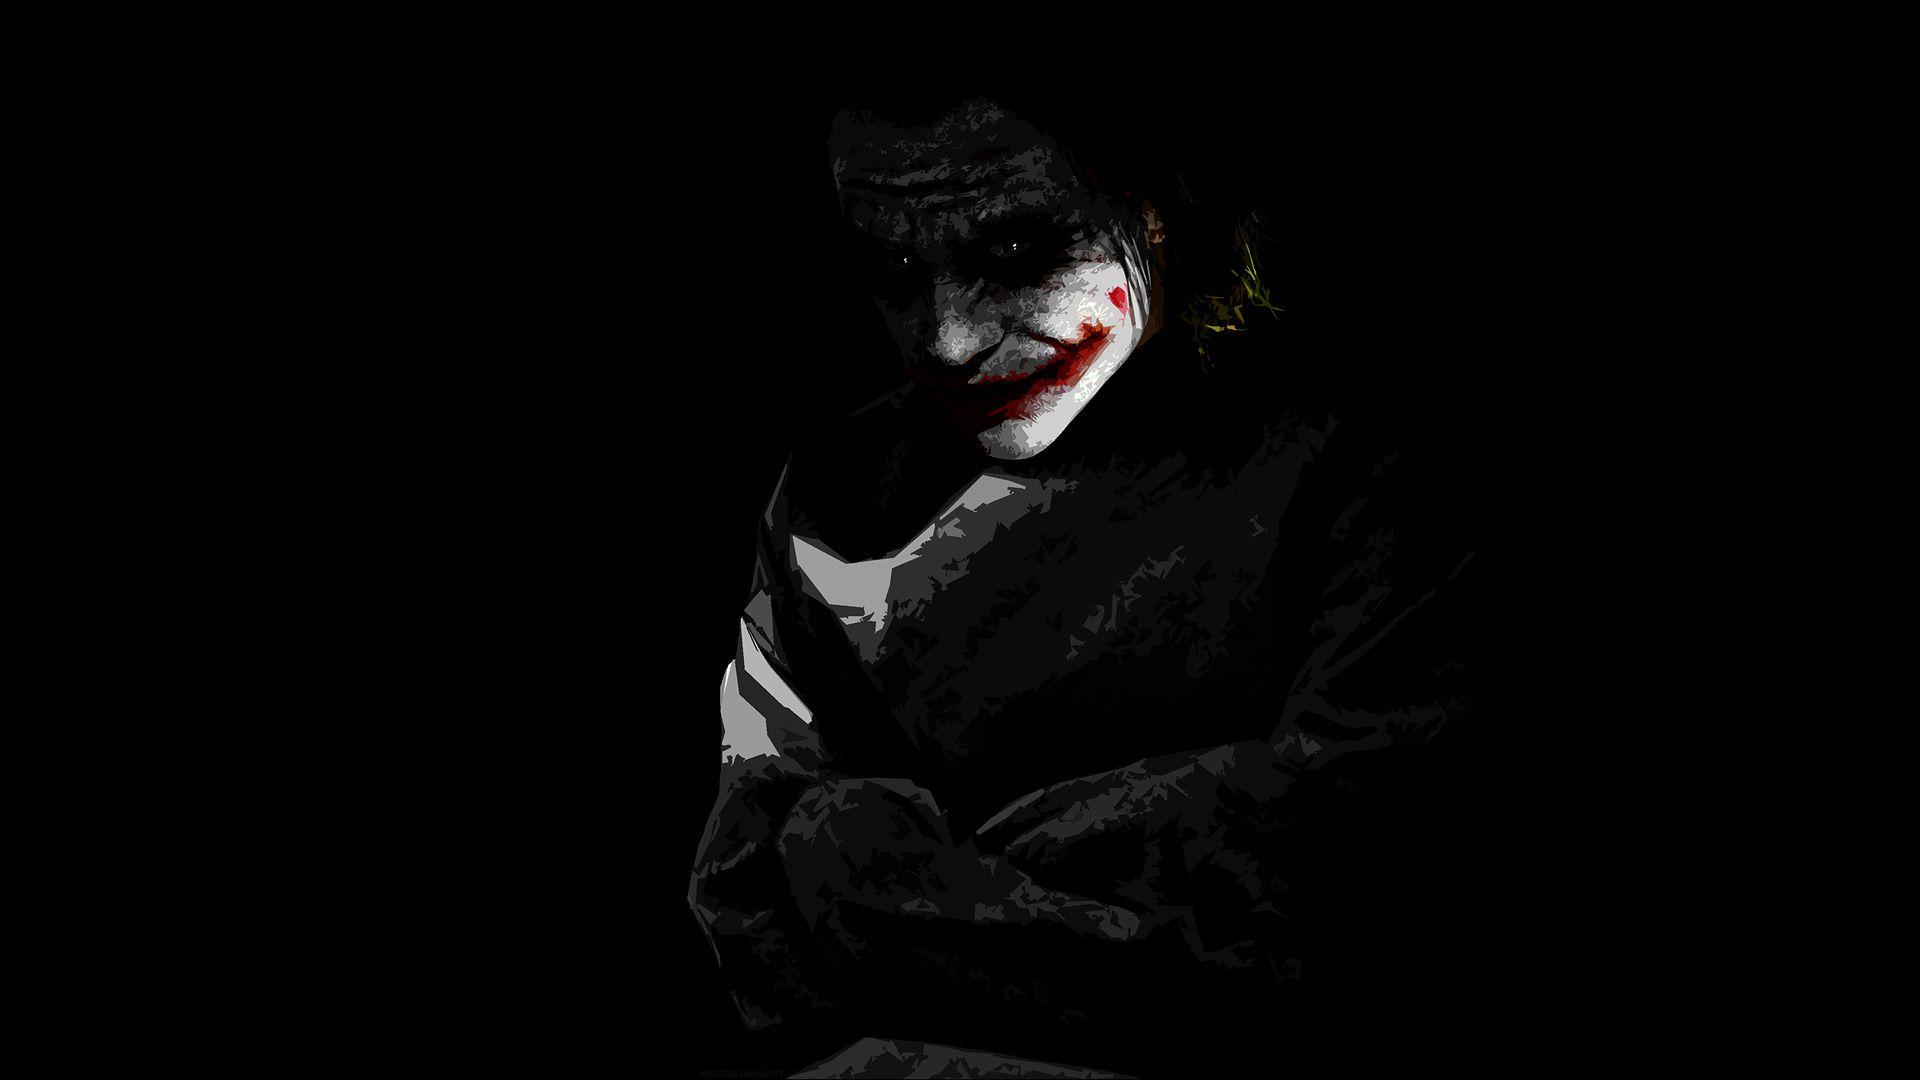 Cool Joker Wallpapers | HD Wallpapers | Pinterest | Joker, Wallpaper and Desktop backgrounds